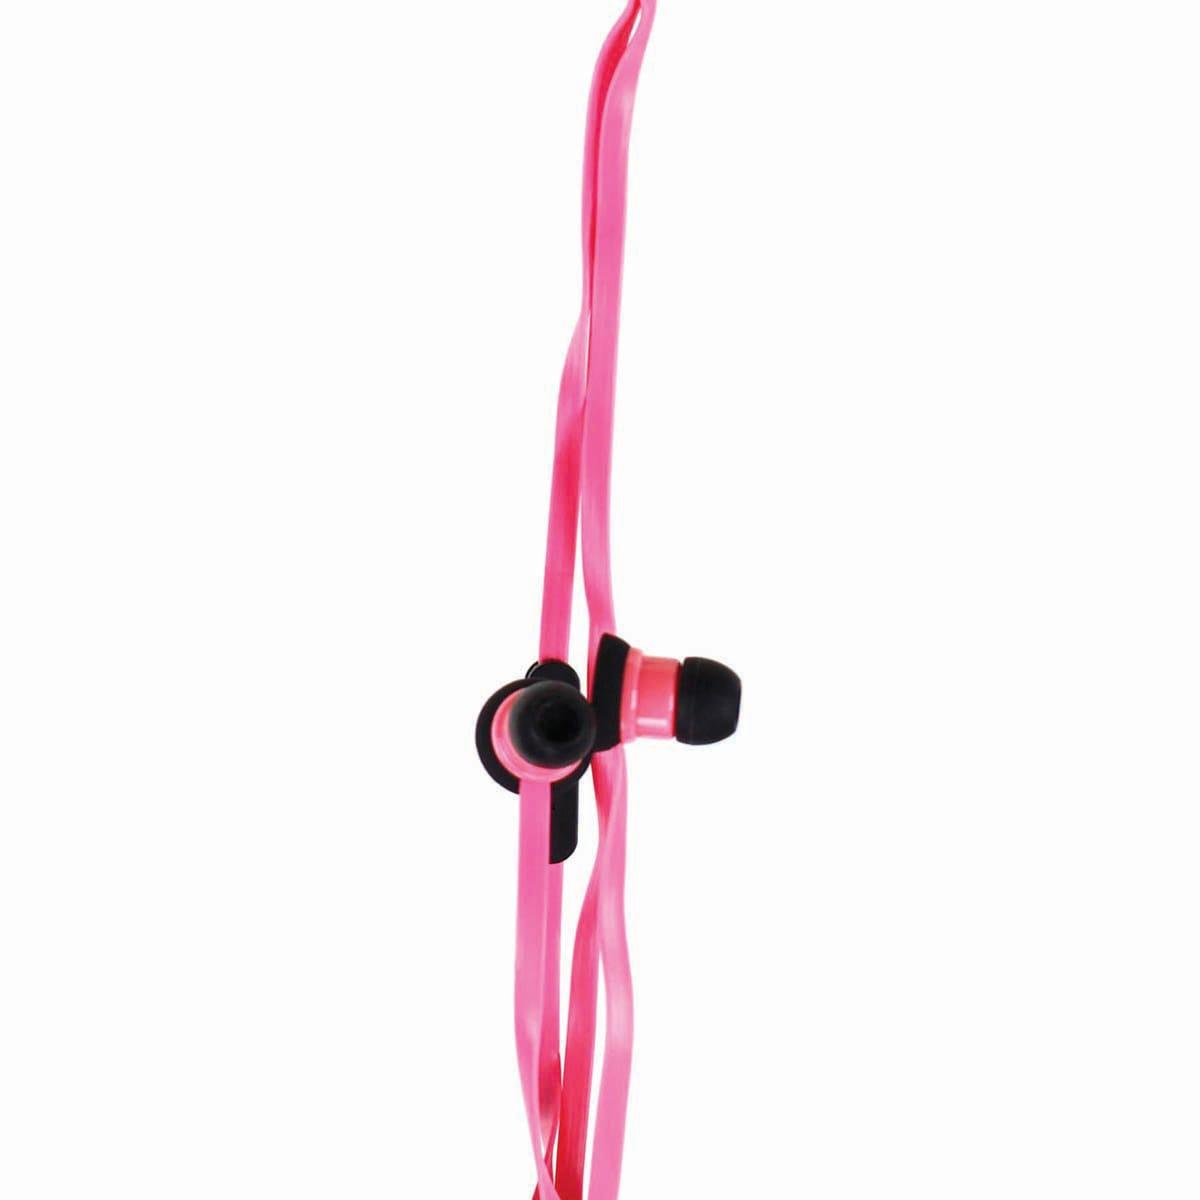 Ecko Stomp Pink Earbud and mic EKU-STP-PK